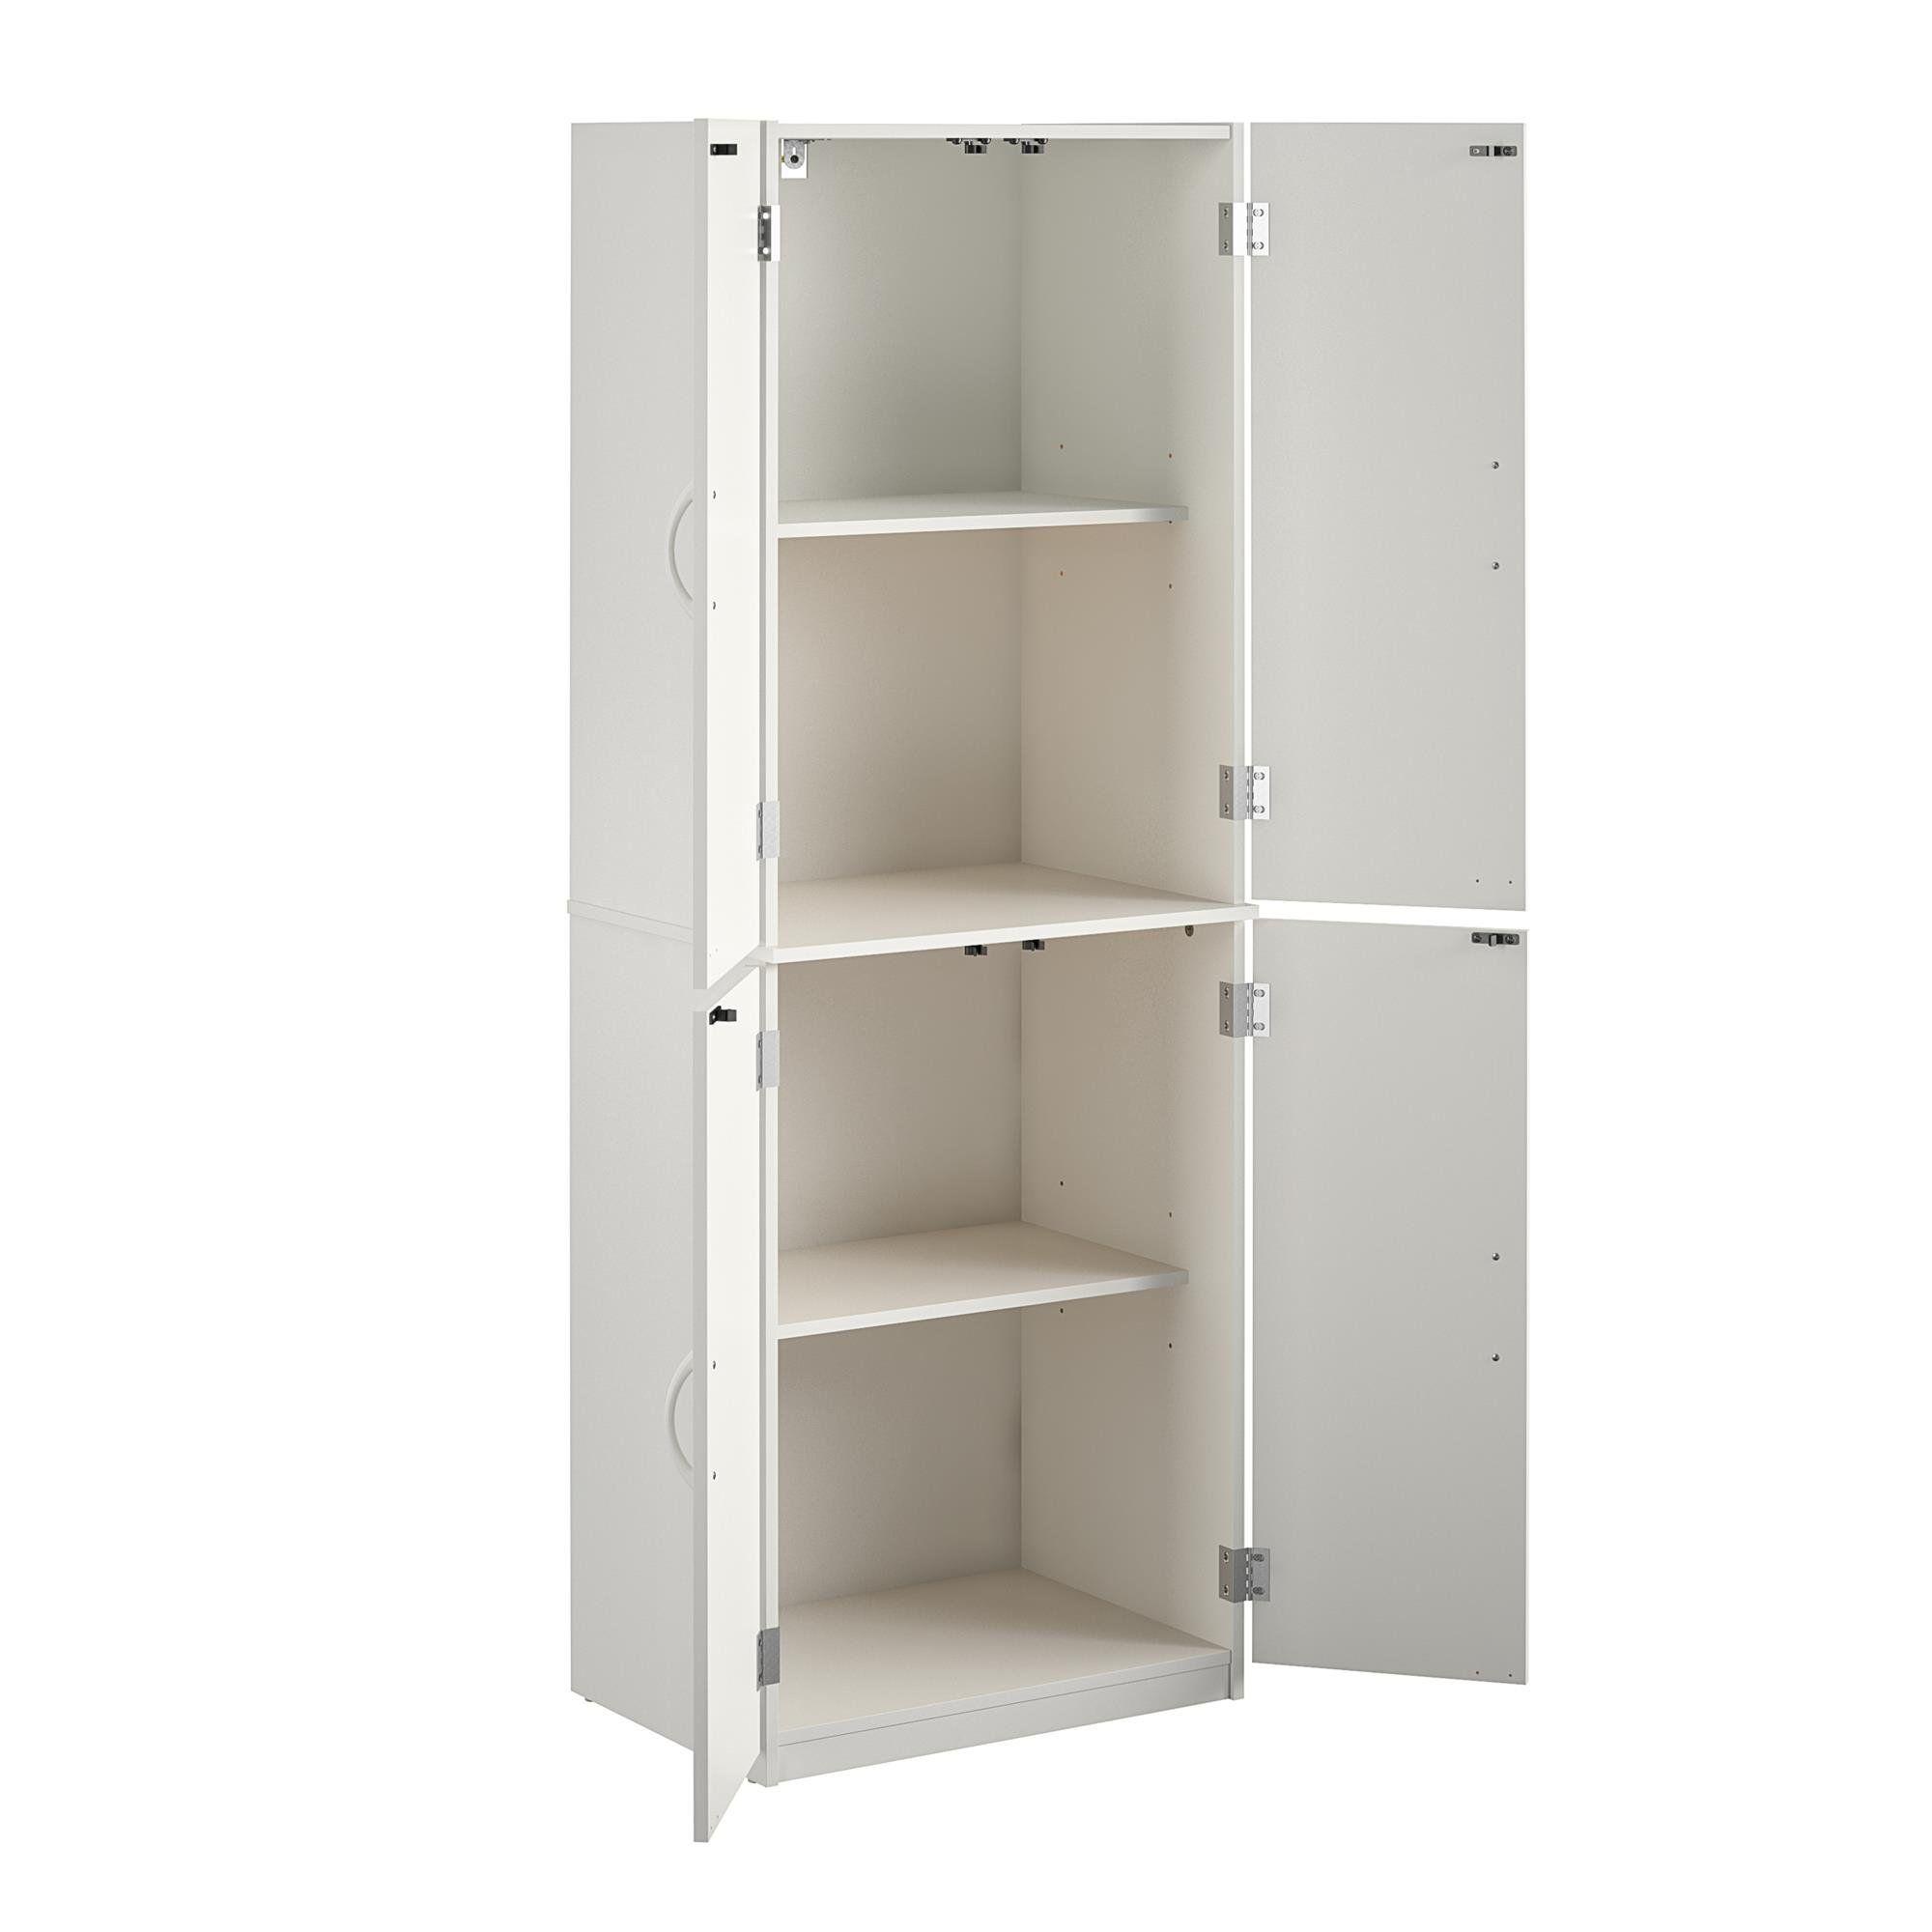 Mainstays 4 Door Storage Cabinet Dark Chocolate Walmart Com In 2020 Kitchen Pantry Storage Cabinet Storage Cabinet Shelves Home Storage Cabinets